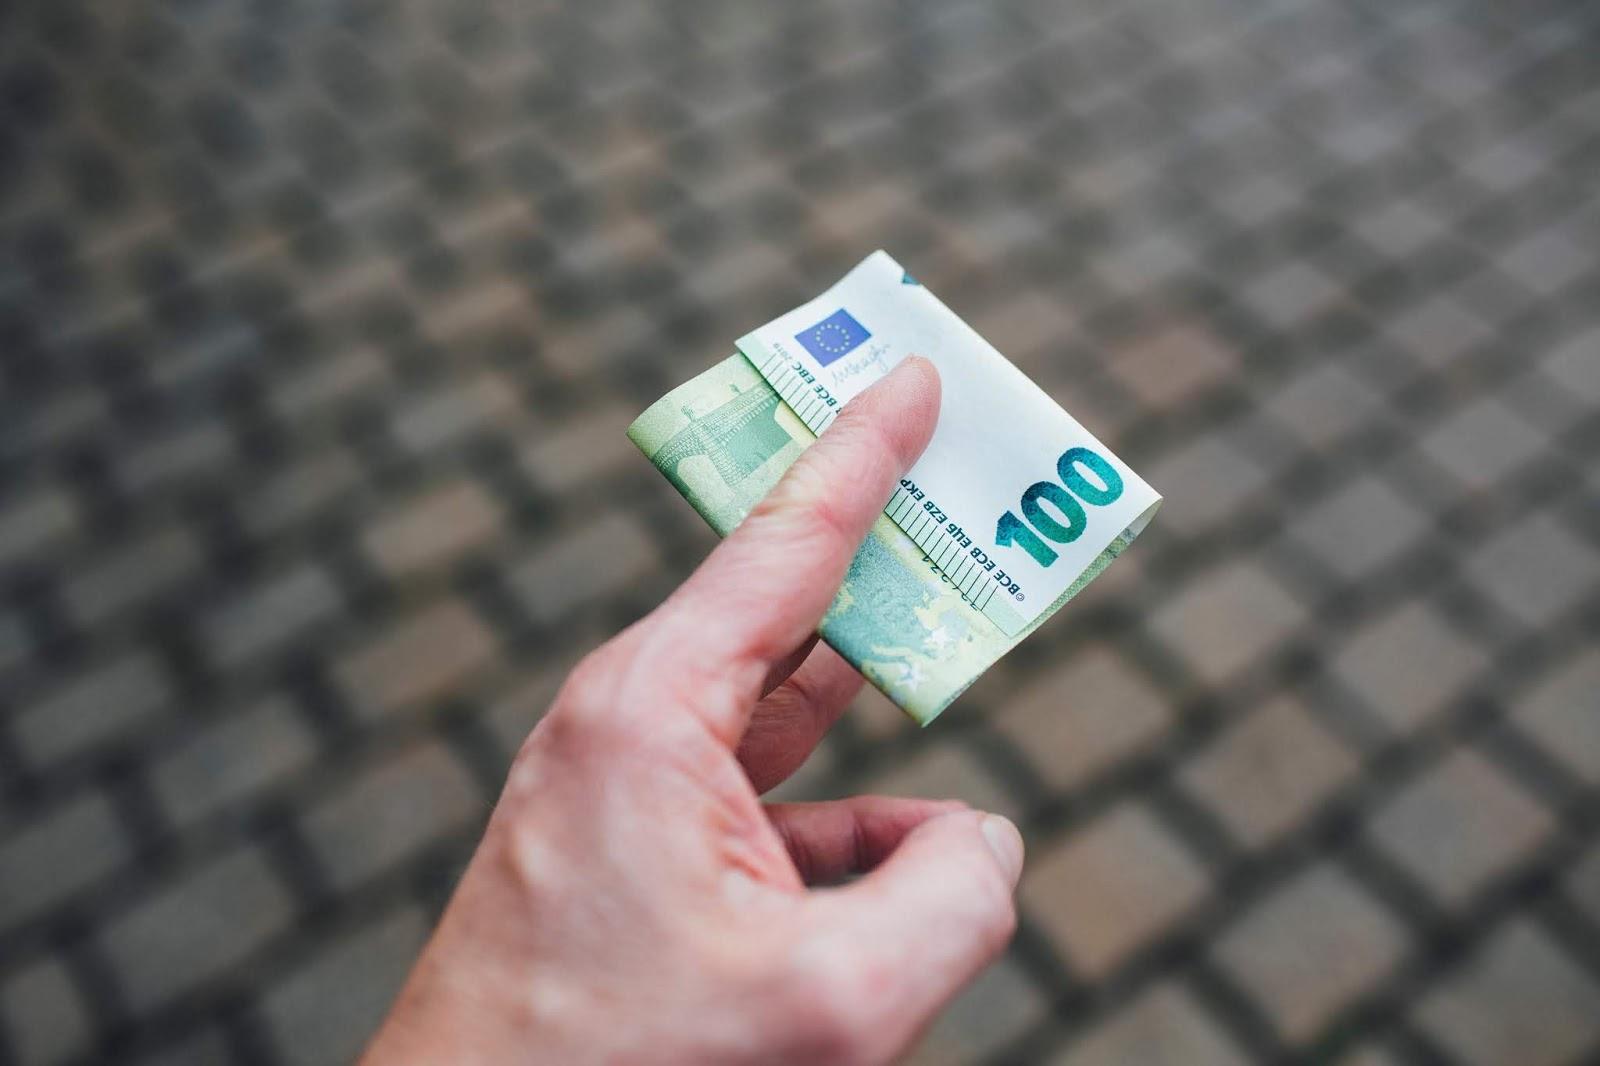 Επίδομα παιδιού 2020: Πότε πληρώνεται η τρίτη δόση